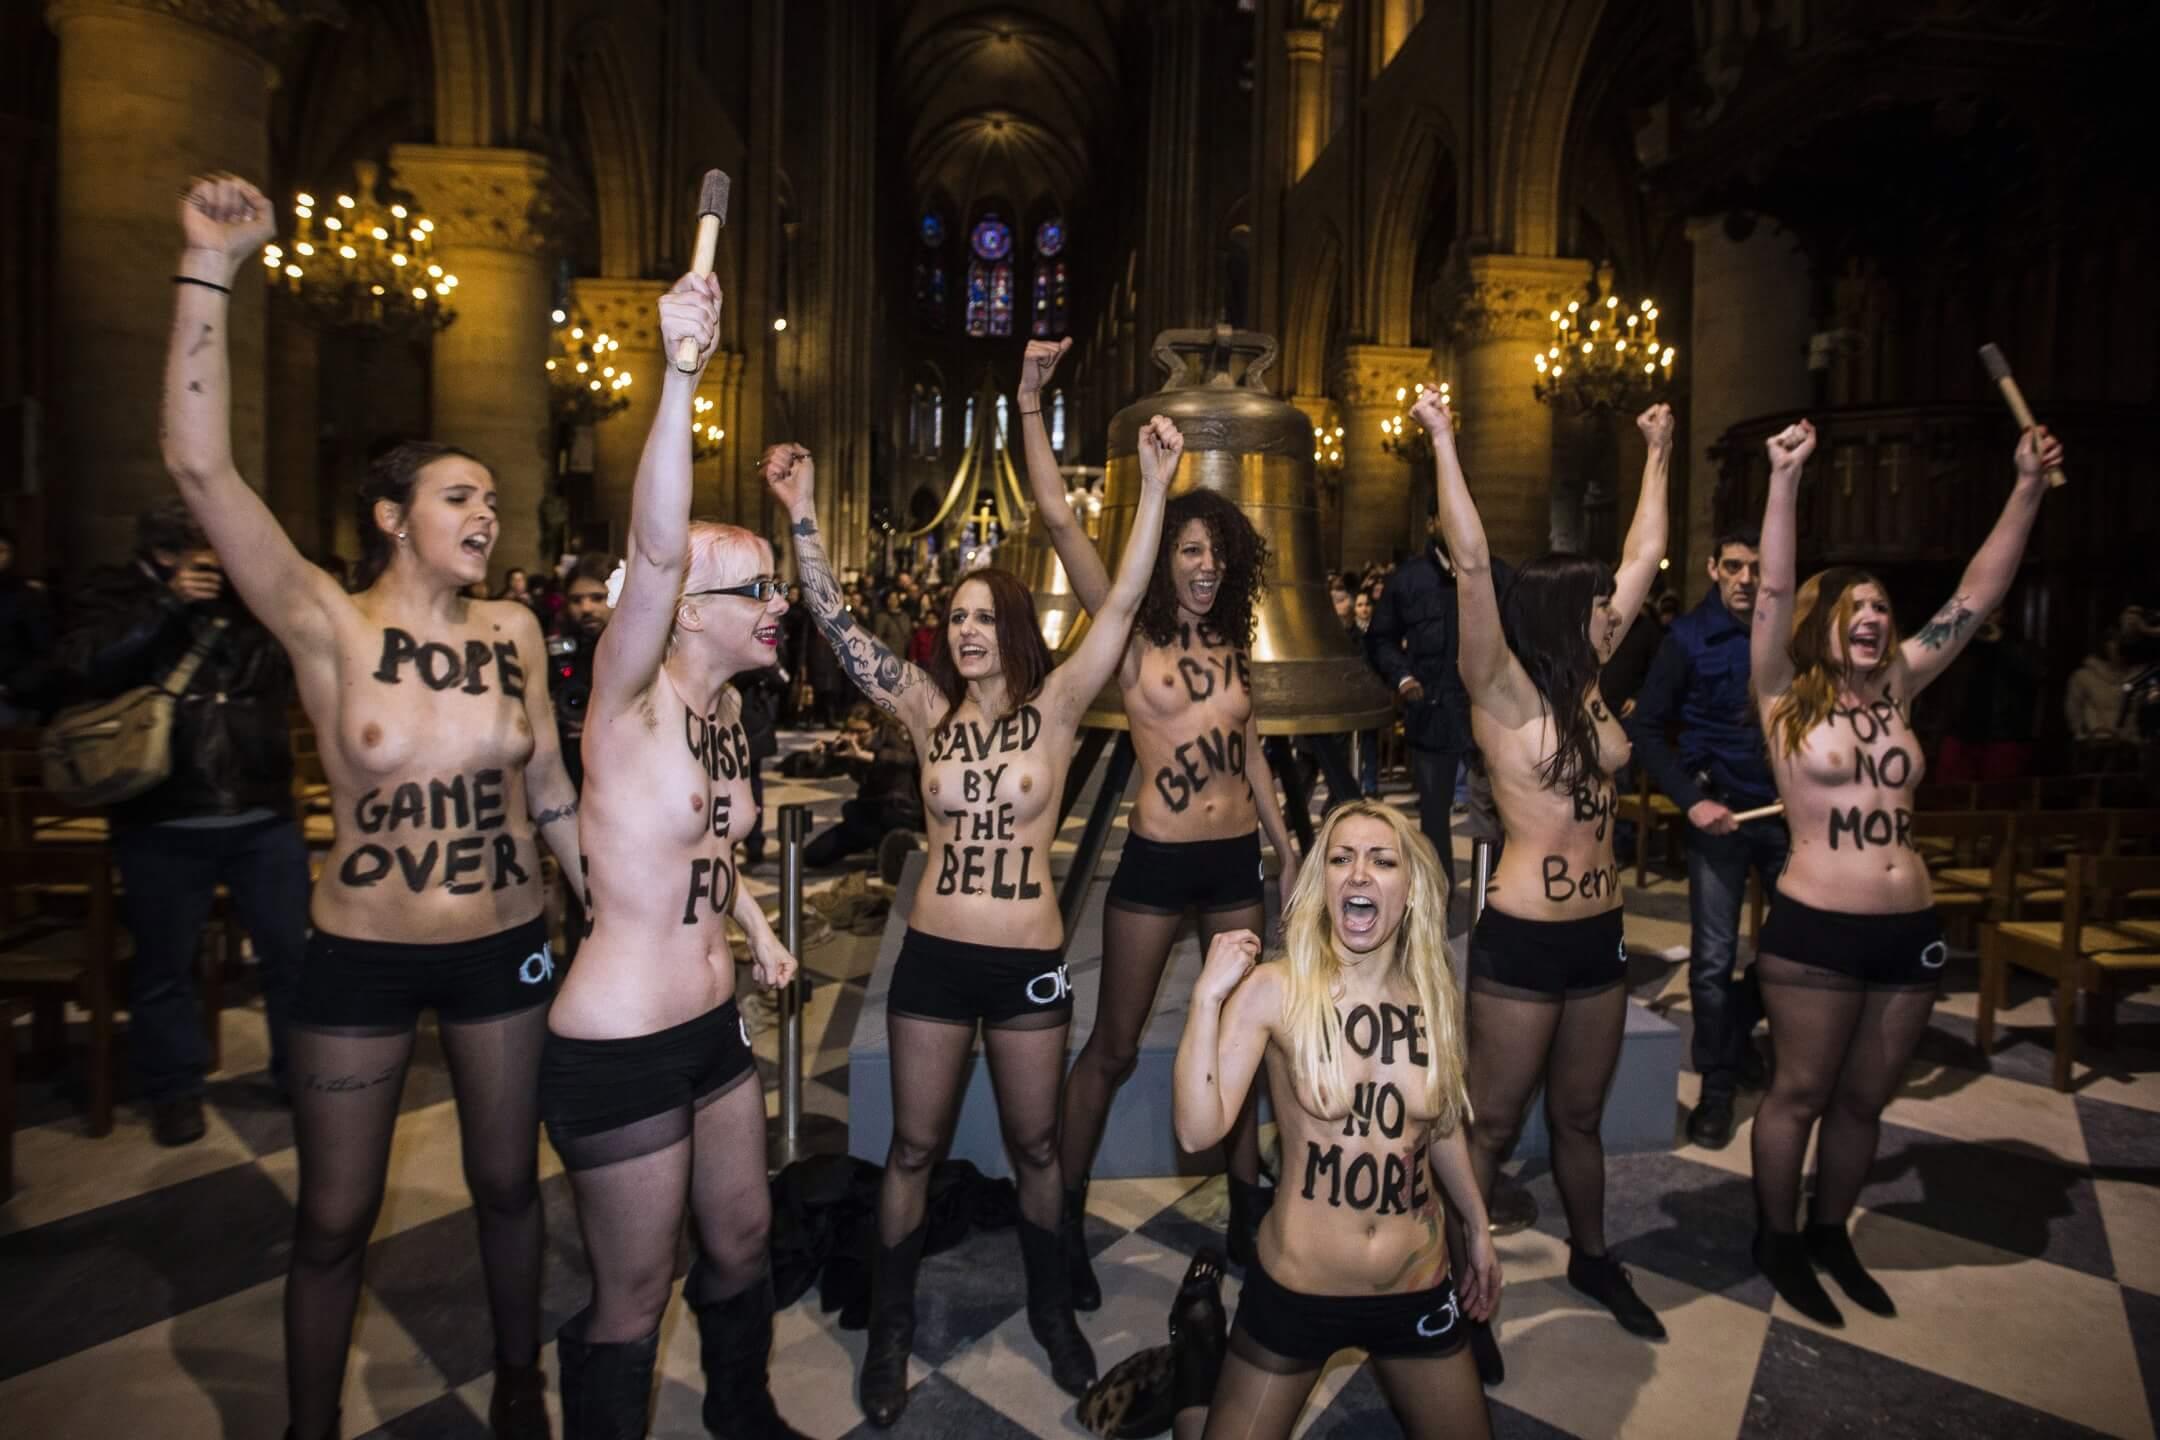 2008年,在烏克蘭東部城市赫梅利尼茨基,三個22歲的女孩——薩沙、奧克薩娜和安娜看中了「費曼」朗朗上口的讀音,創立了費曼組織,旗幟鮮明地反對專制、宗教和性產業。 攝:Joel Saget/AFP/Getty Images